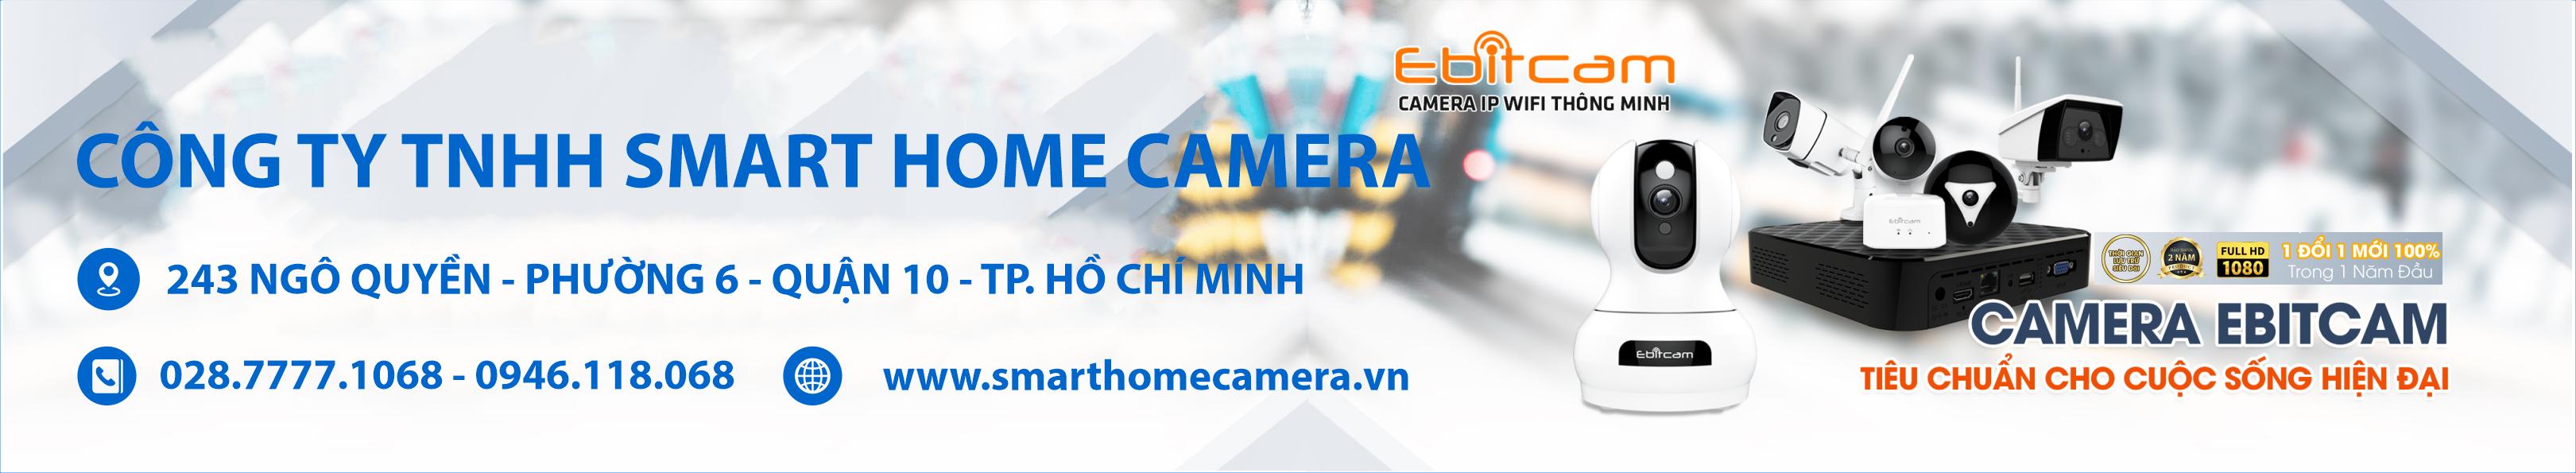 Camera Ebitcam